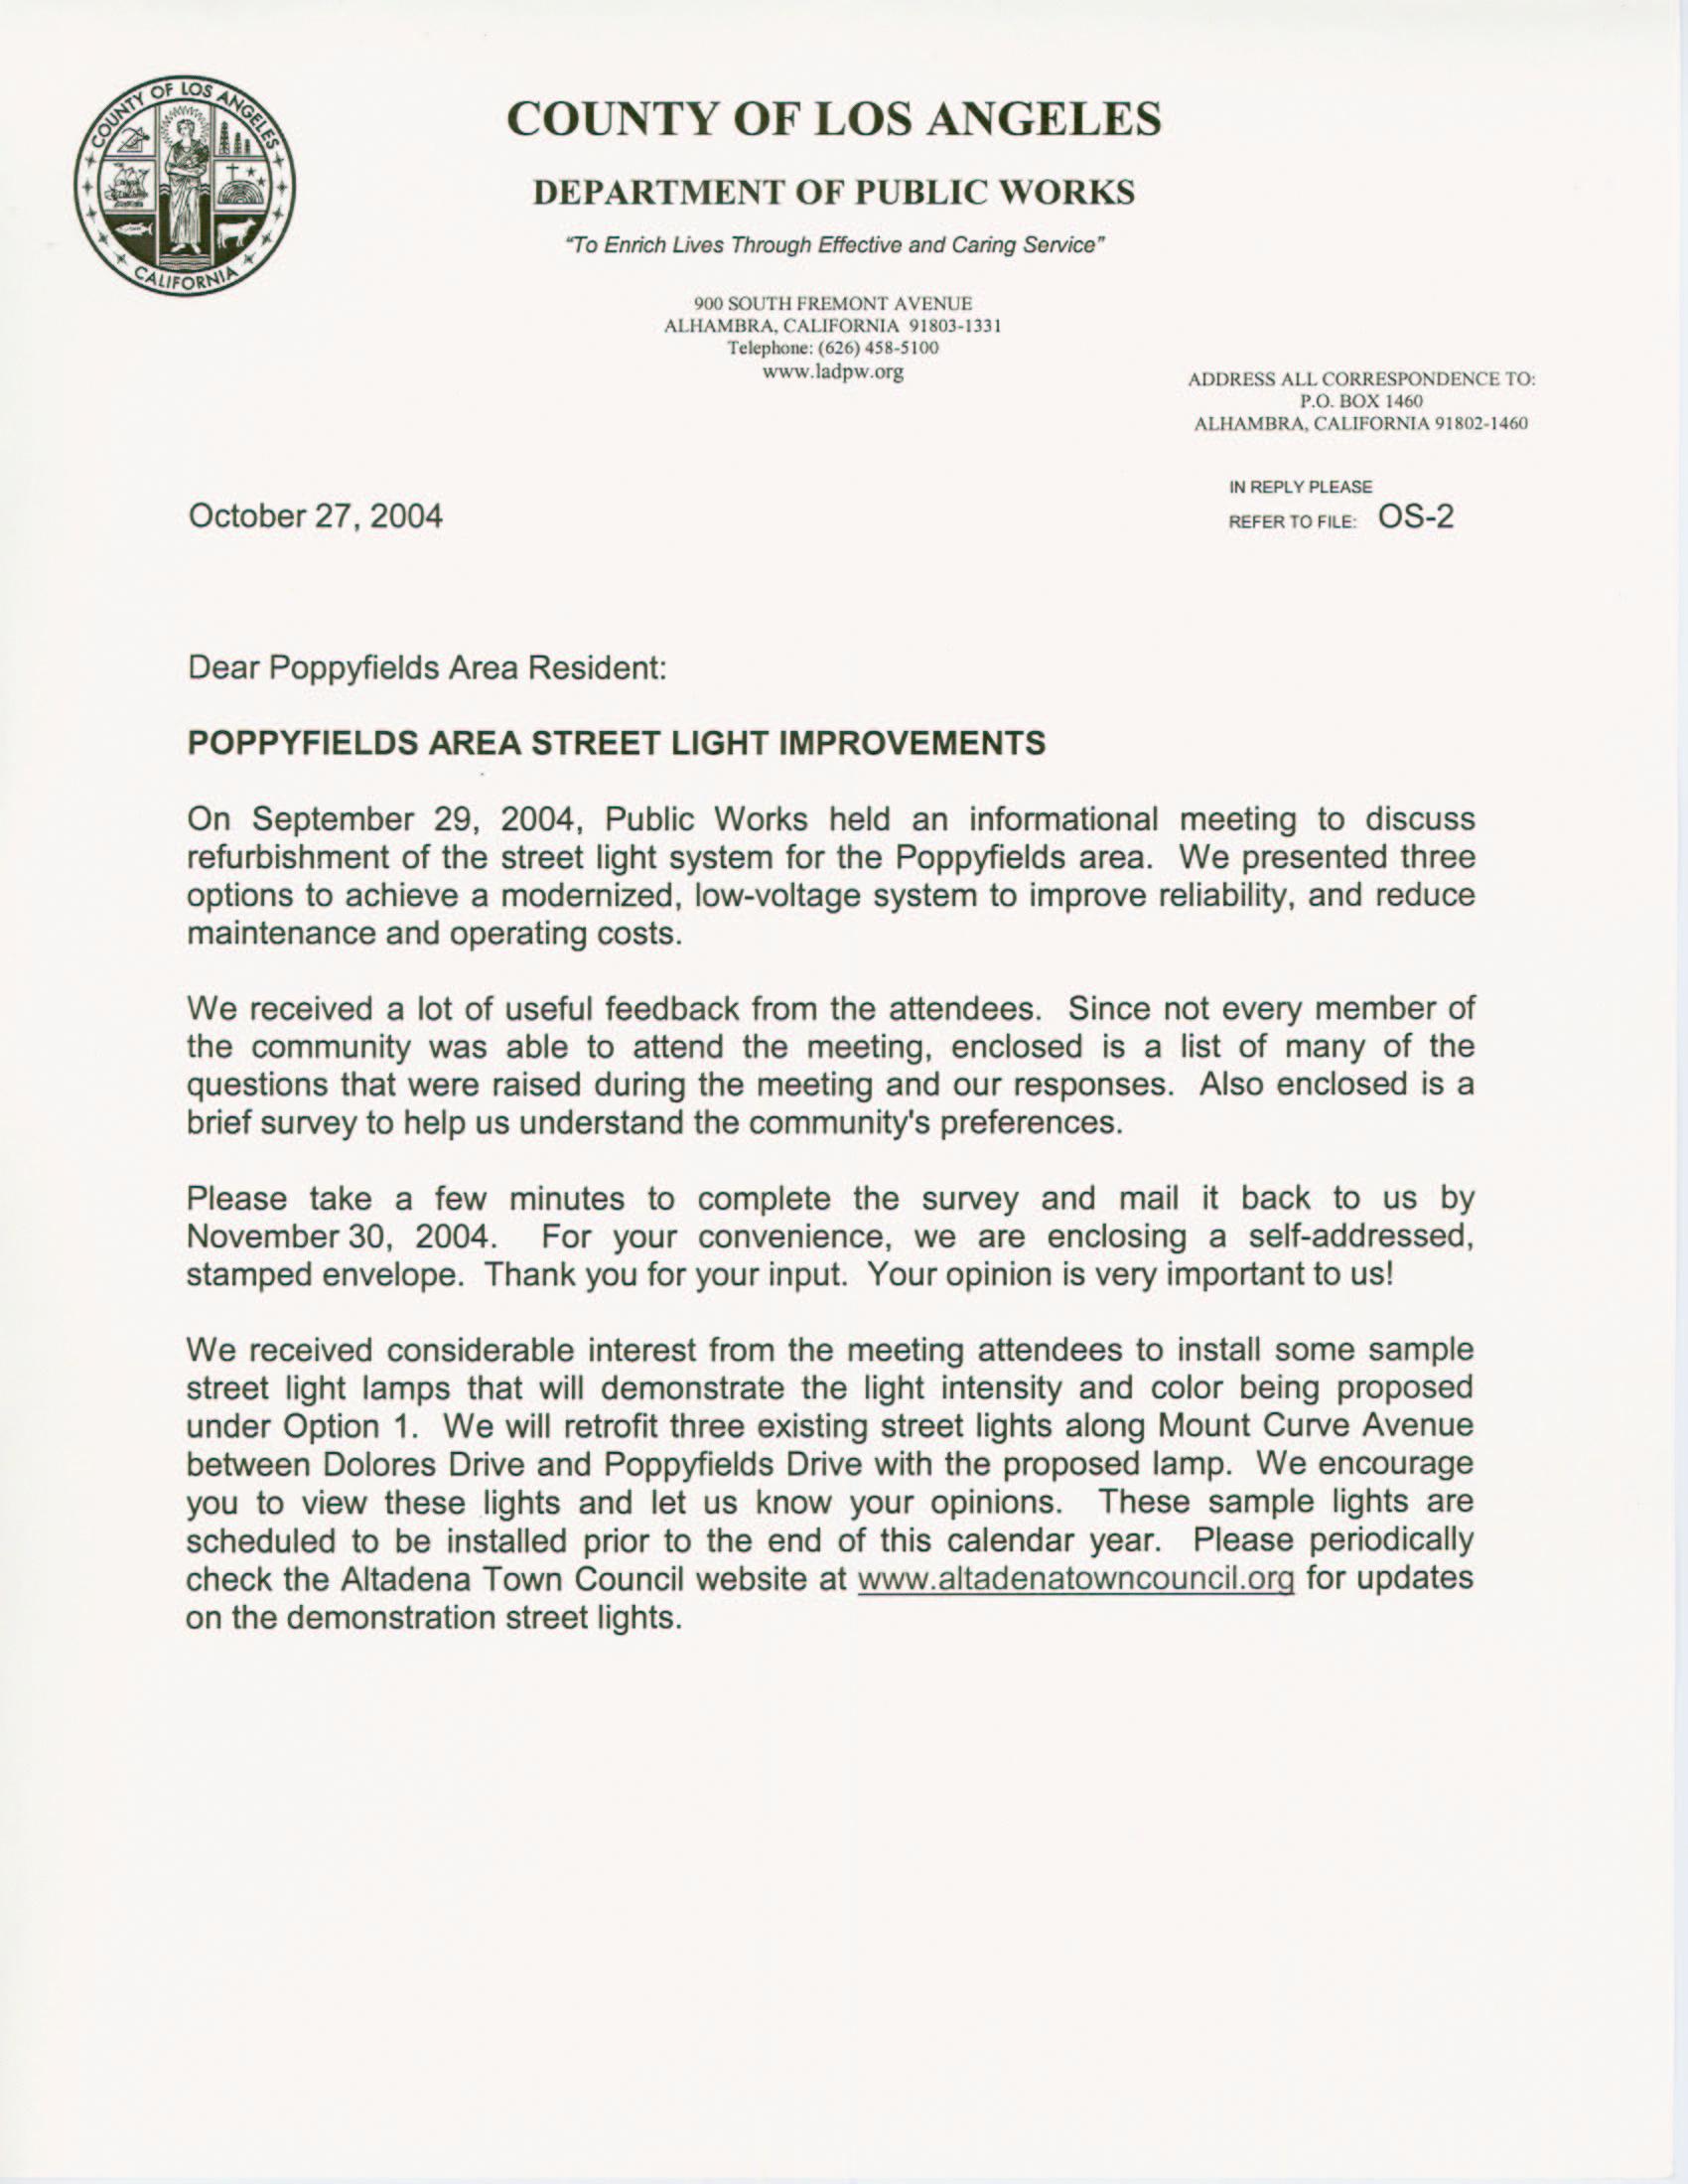 Cover letter regarding 1st community meeting